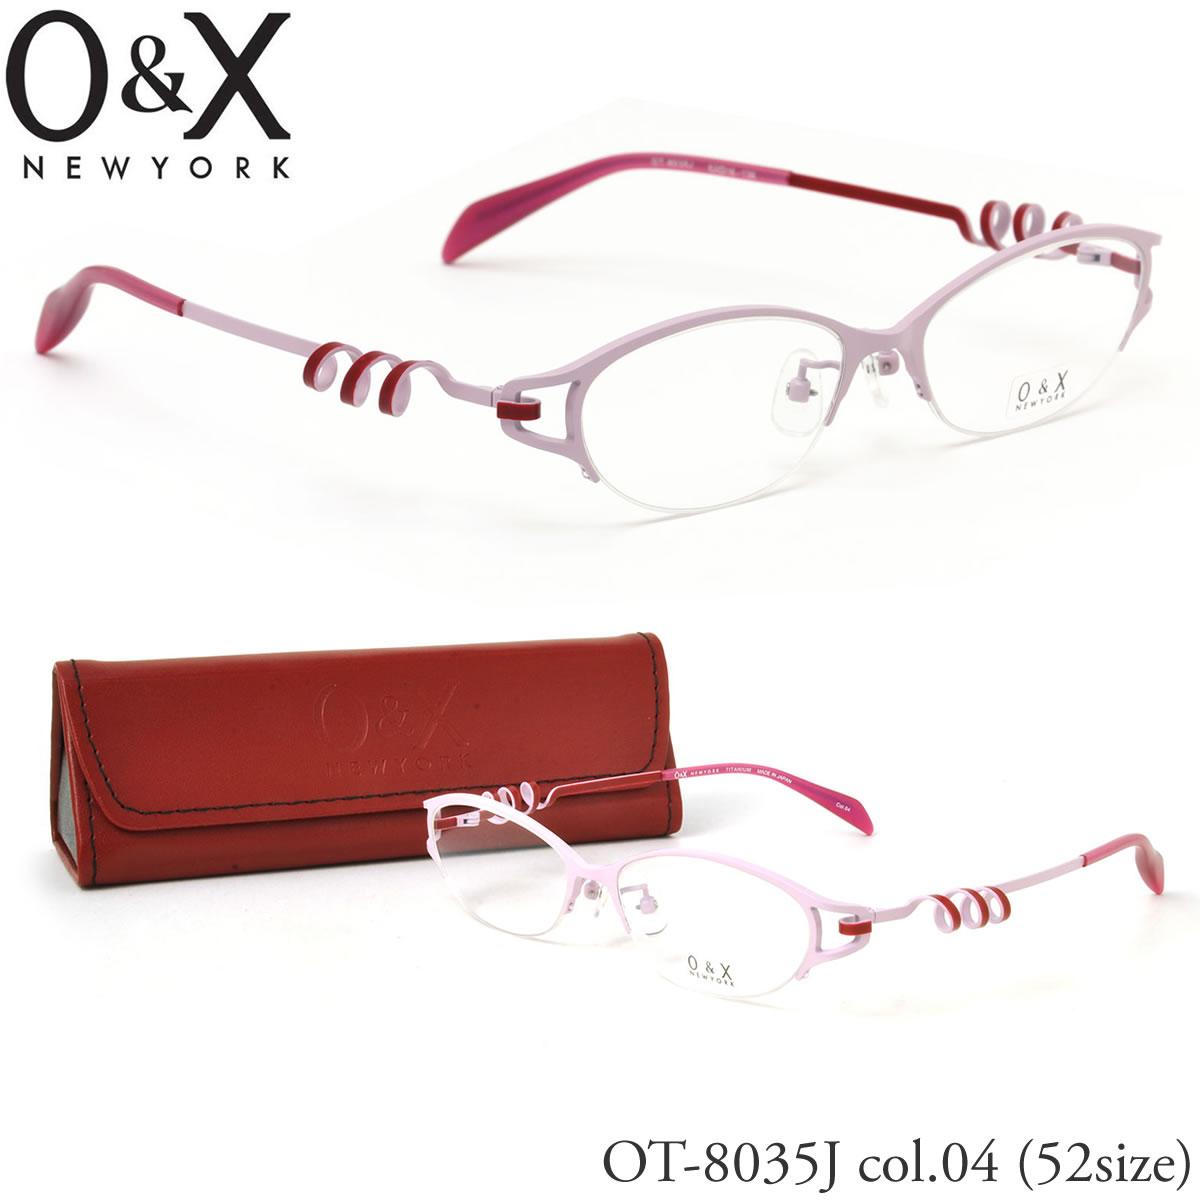 【10月30日からエントリーで全品ポイント20倍】【O&X】(オーアンドエックス) メガネ フレーム OT 8035J 04 52サイズ オーバル ナイロール βTITANIUM ベータチタン 日本製 シートメタル オーアンドエックス O&X メンズ レディース